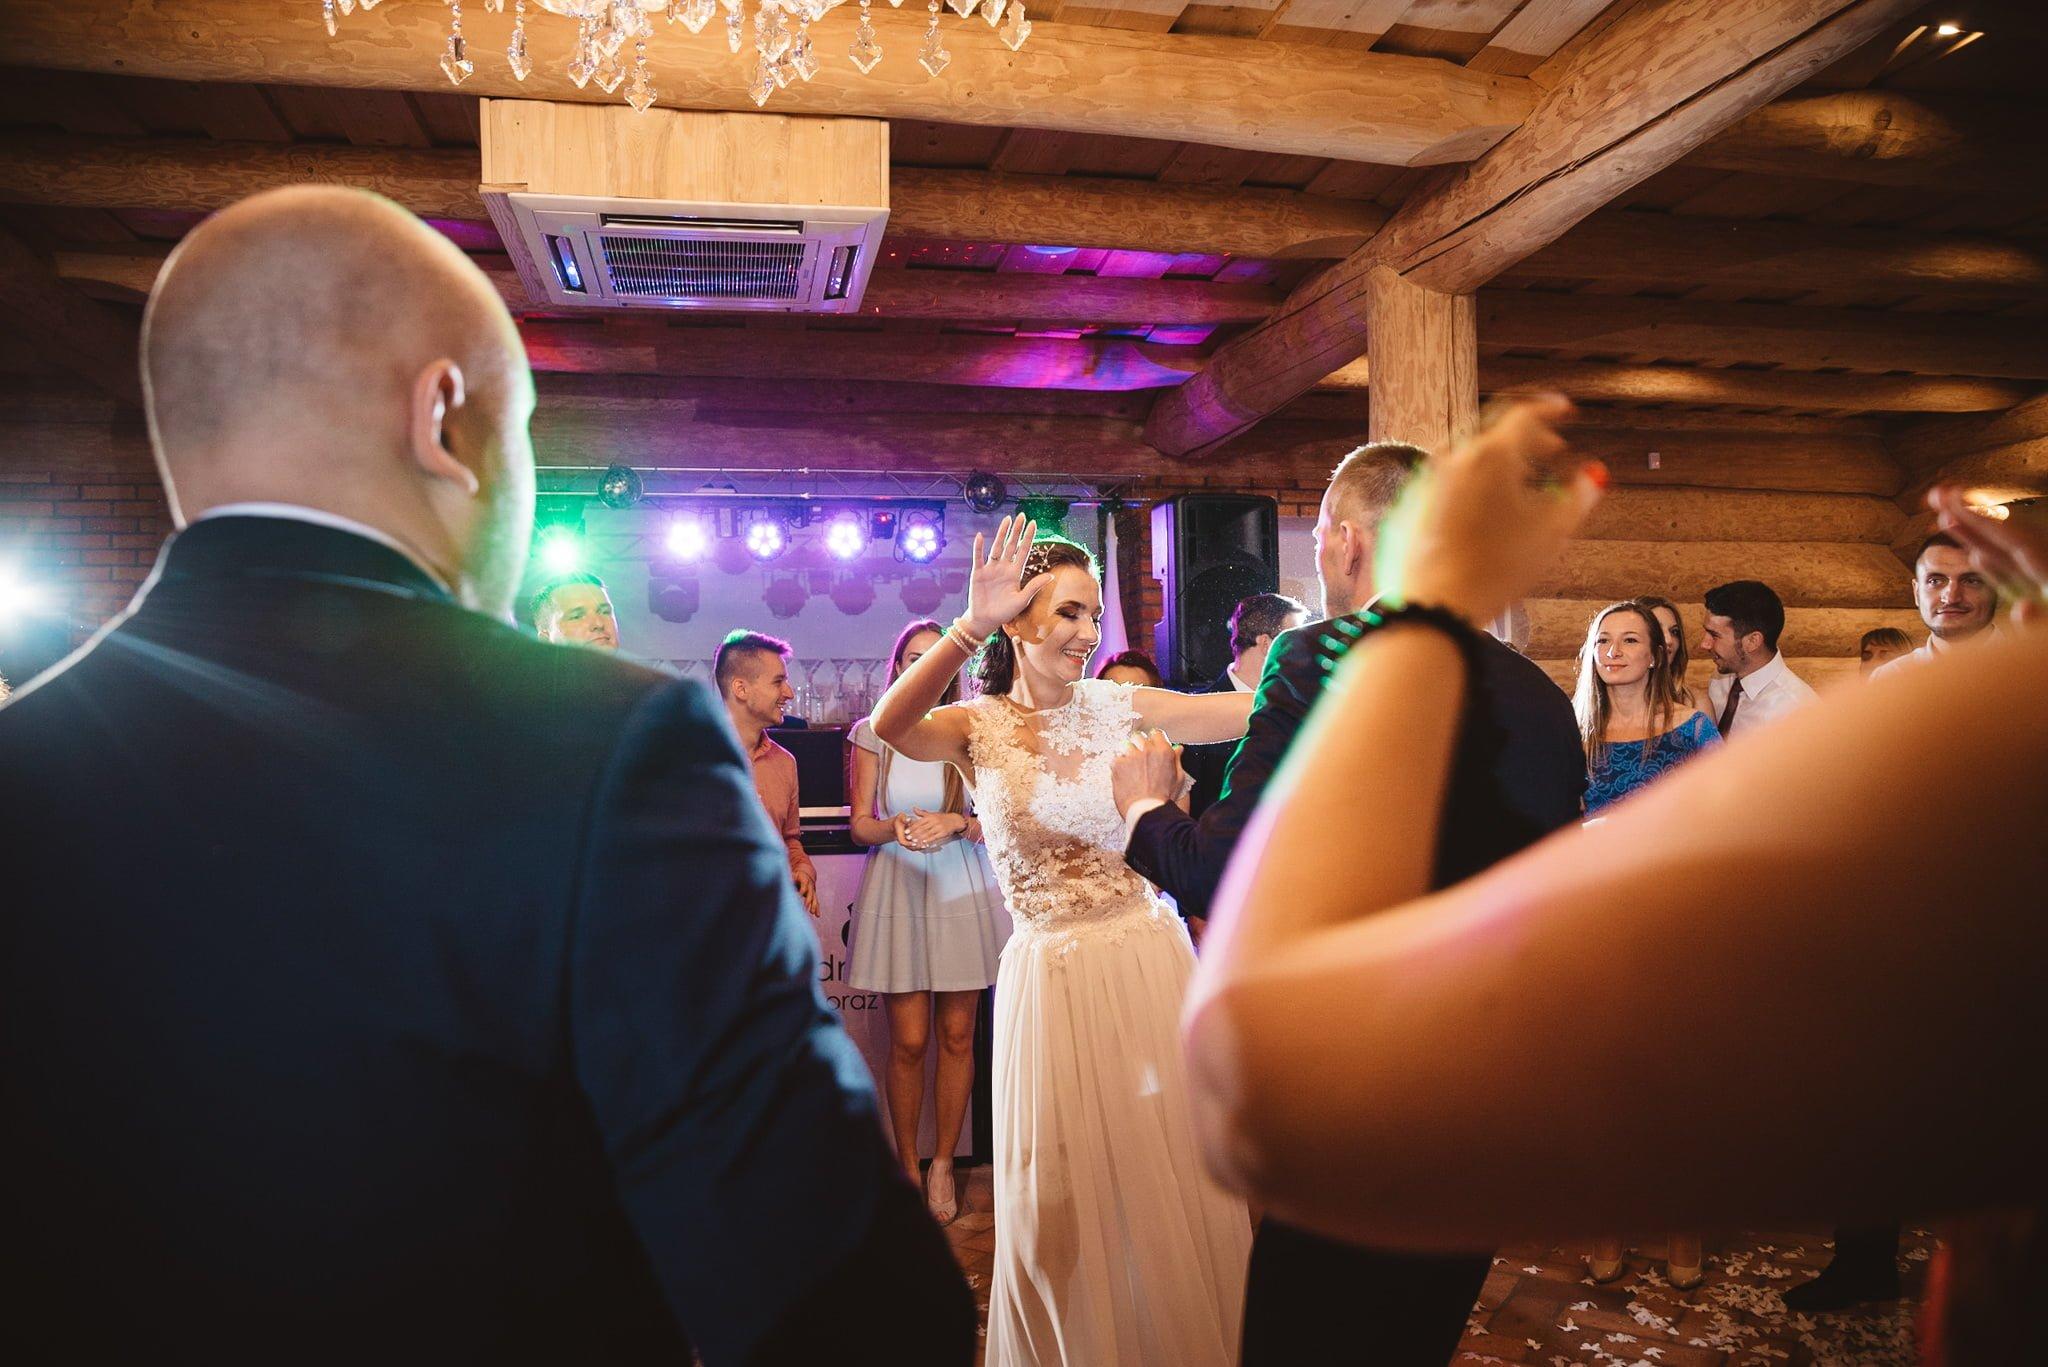 Ala i Arek, czyli jak zorganizować ślub i wesele w 4 tygodnie! 211